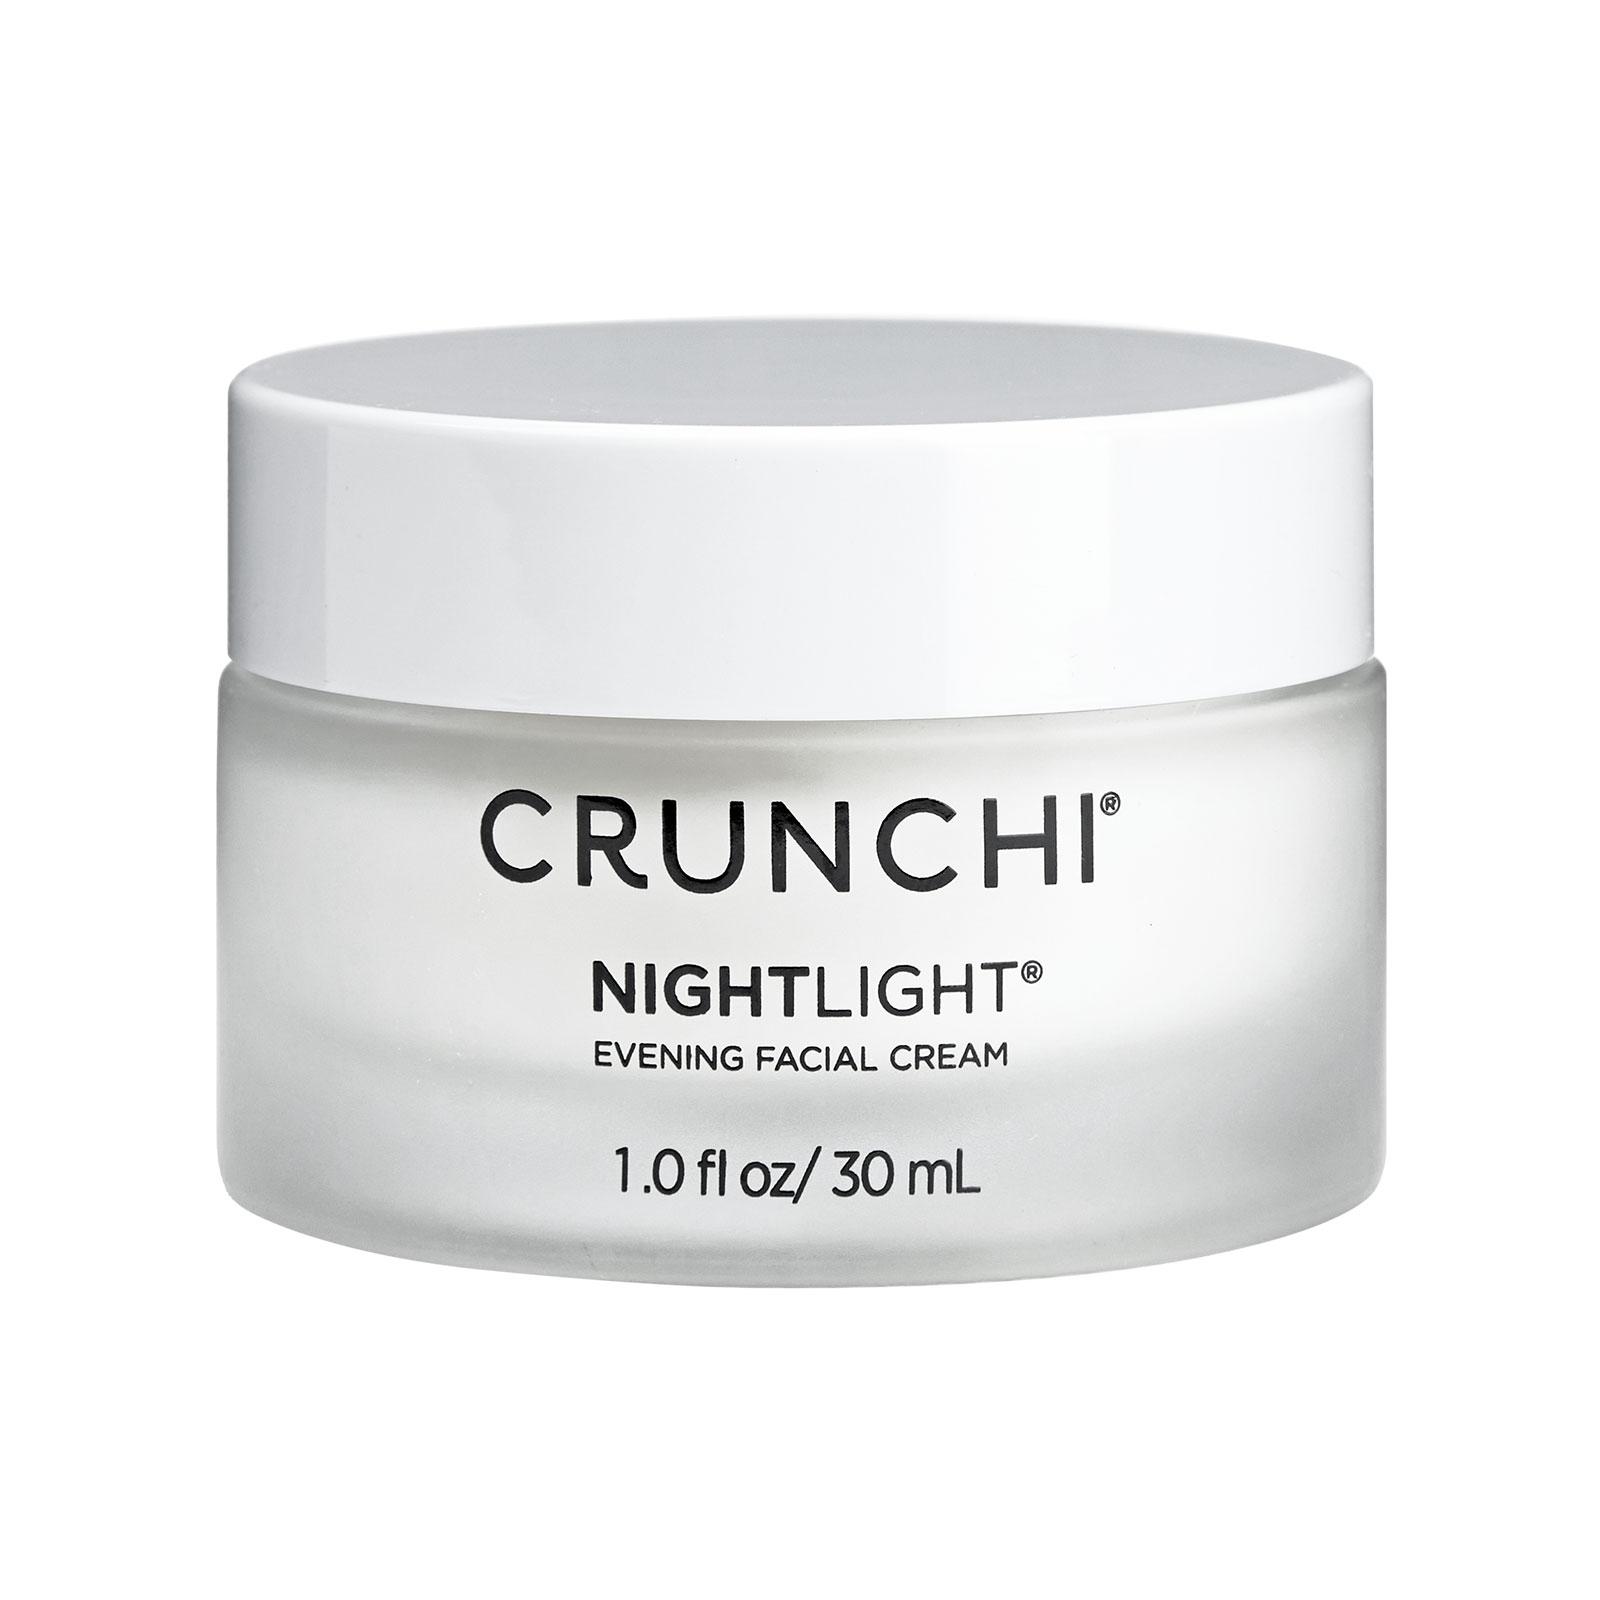 Nightlight Facial Cream